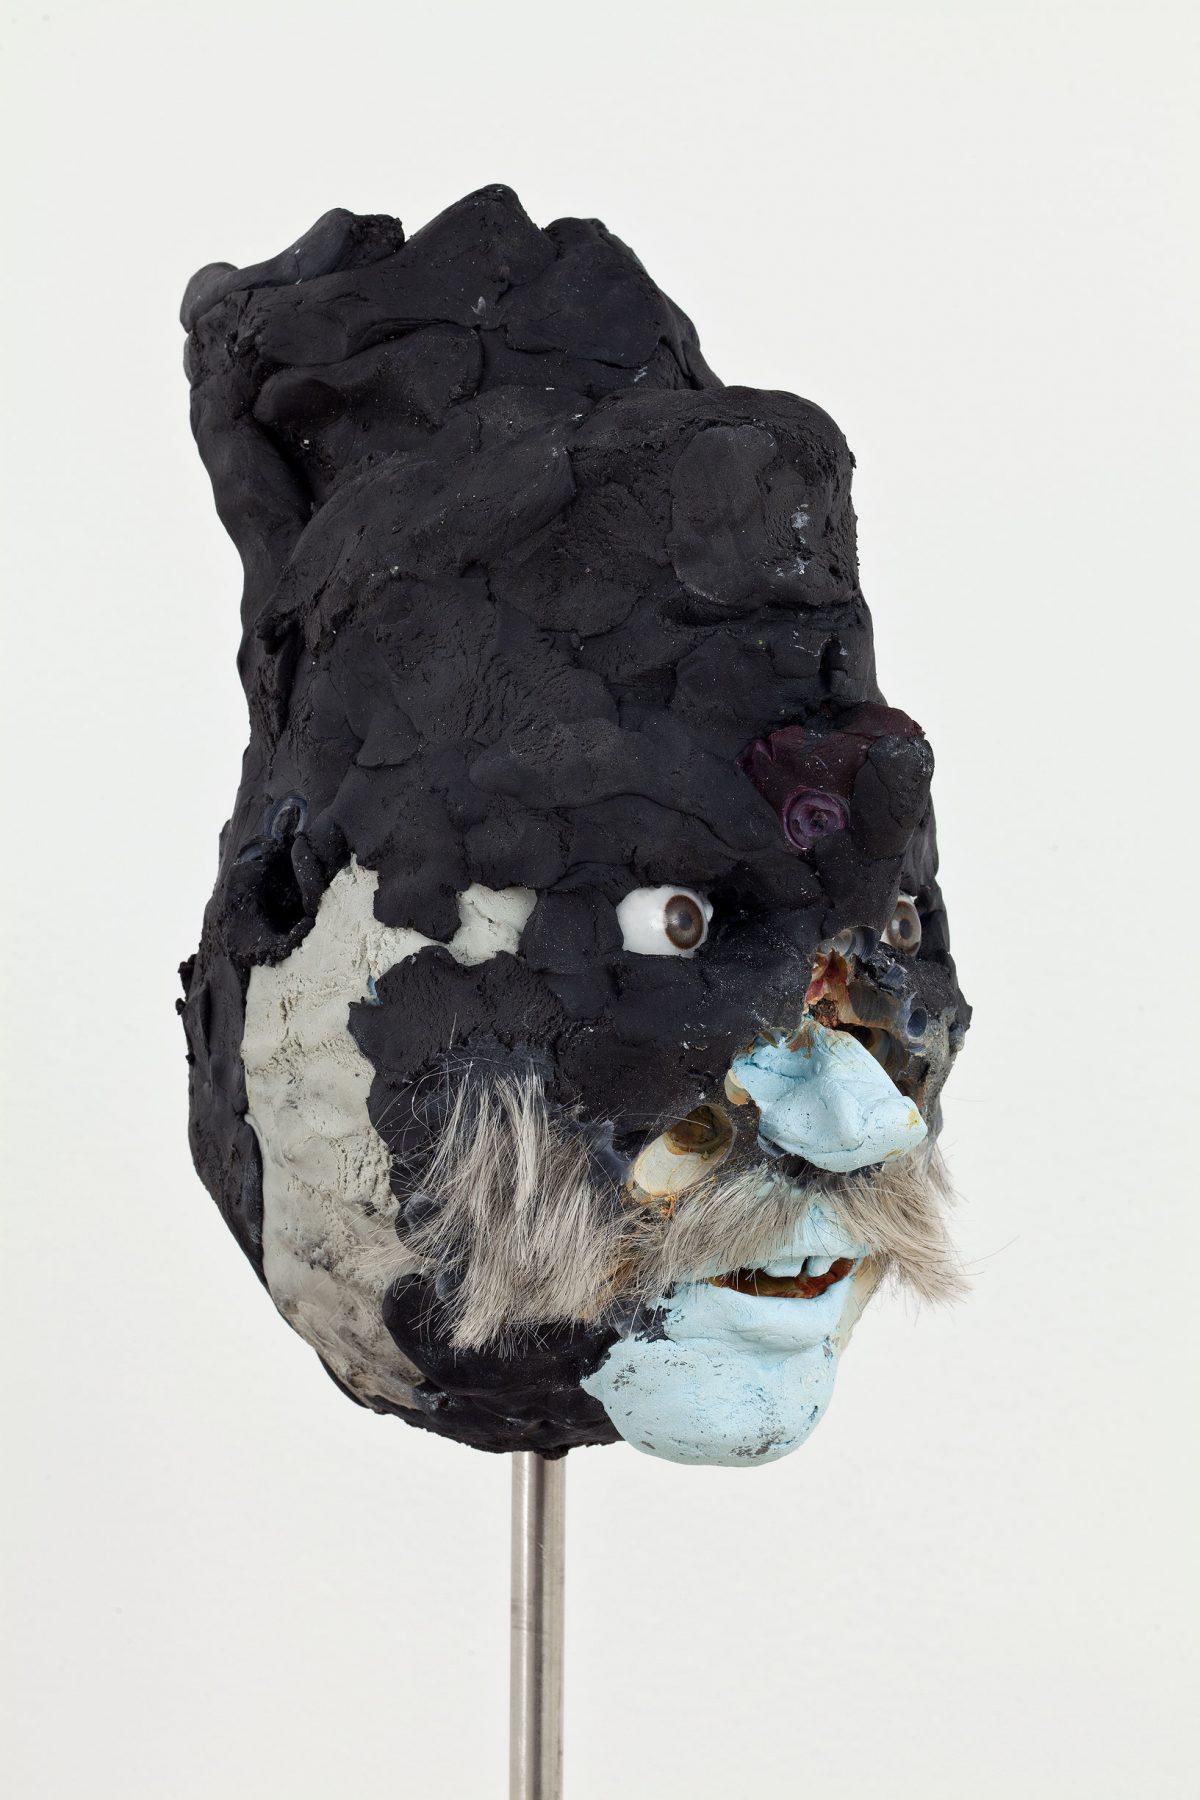 Untitled, 2012, David Altmejd, Argile époxy, plâtre, yeux en verre, cheveux synthétiques, peinture acrylique, fil de métal, résine, quartz et minéraux divers, pyrite, acier inoxydable.